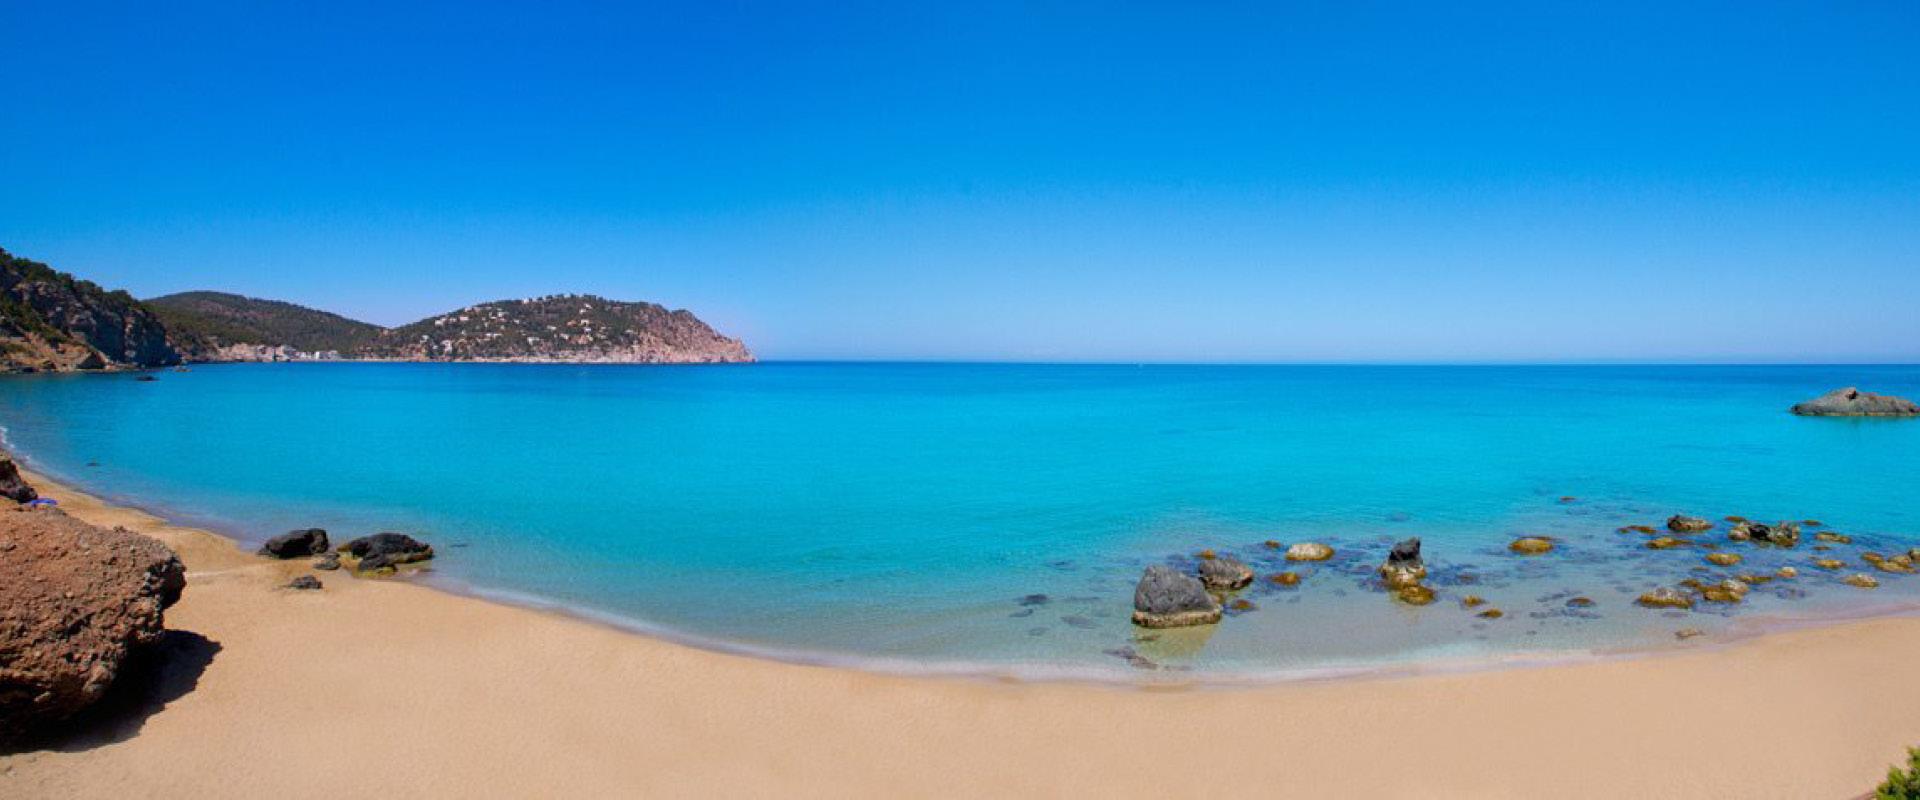 Vaya vaya, en Mallorca hay mucha playa